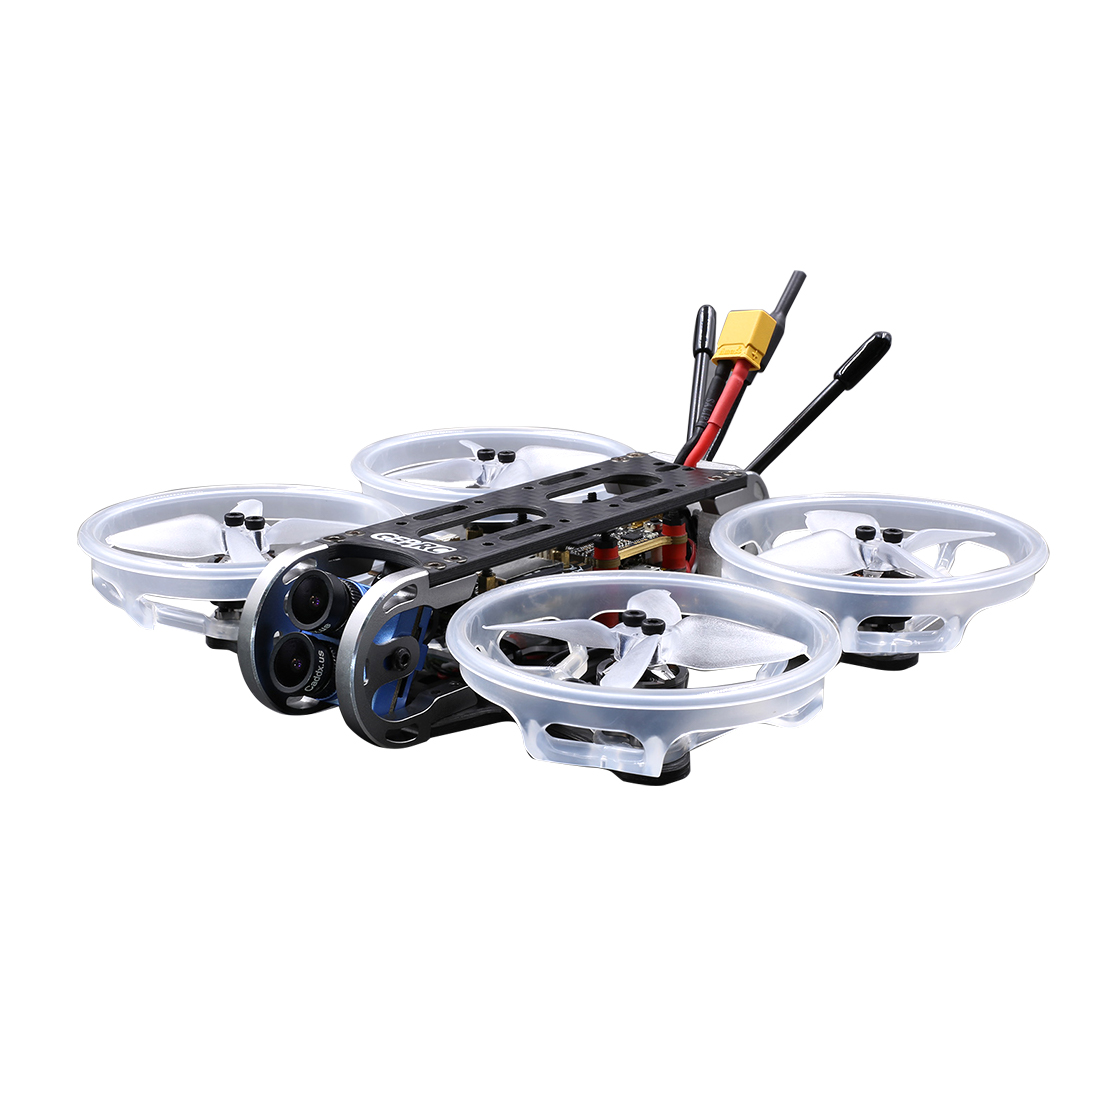 Geprc cinepro 4 k bnf/pnp fpv racing drone 4S compatível com f722/f405 controlador de vôo 115mm 5.8g 48ch 500 mw vtx